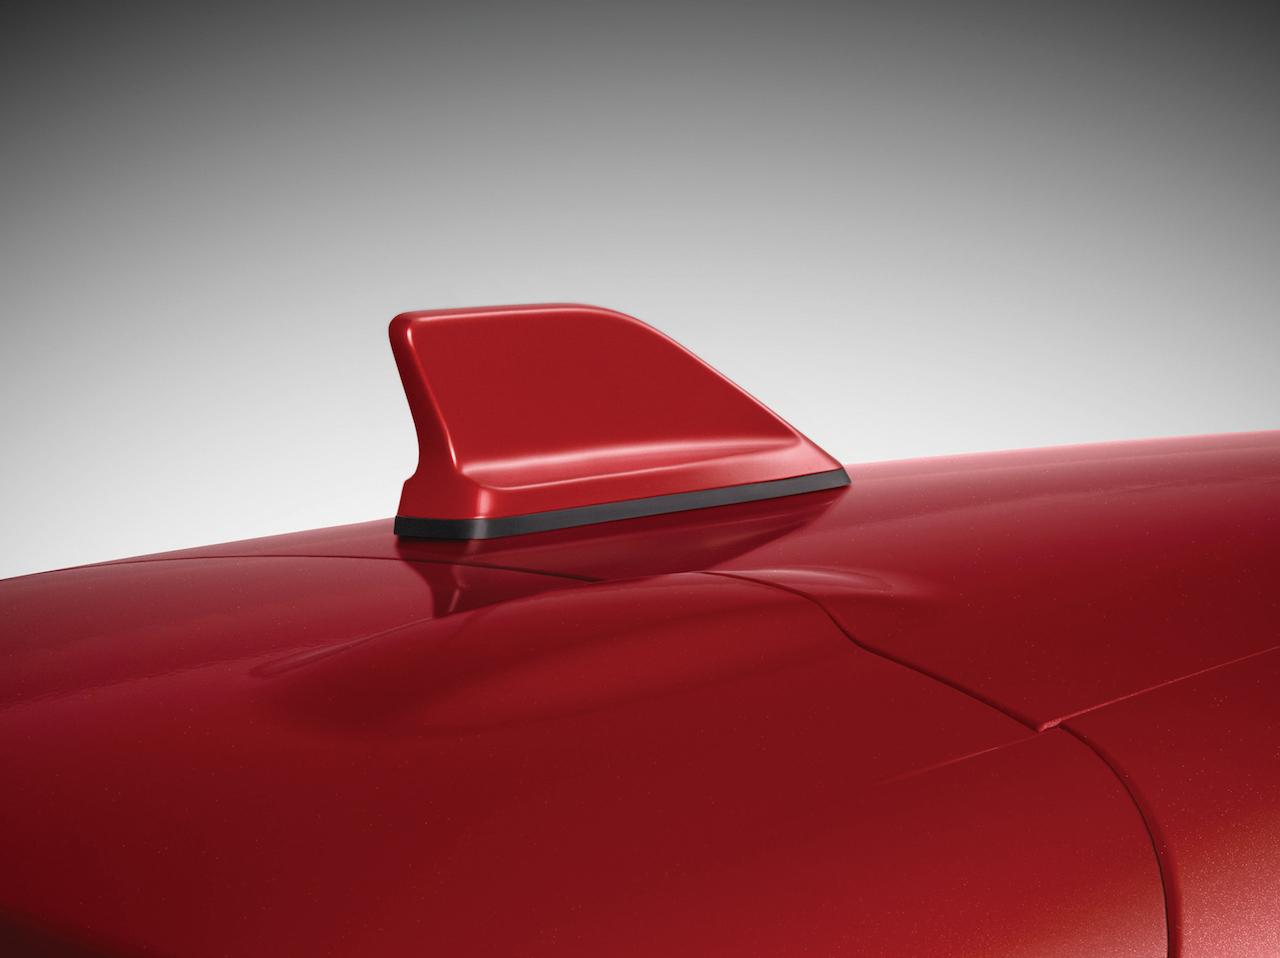 「【新車】情熱の赤をまとった「ルノー ルーテシア アイコニック」が40台限定で登場」の8枚目の画像